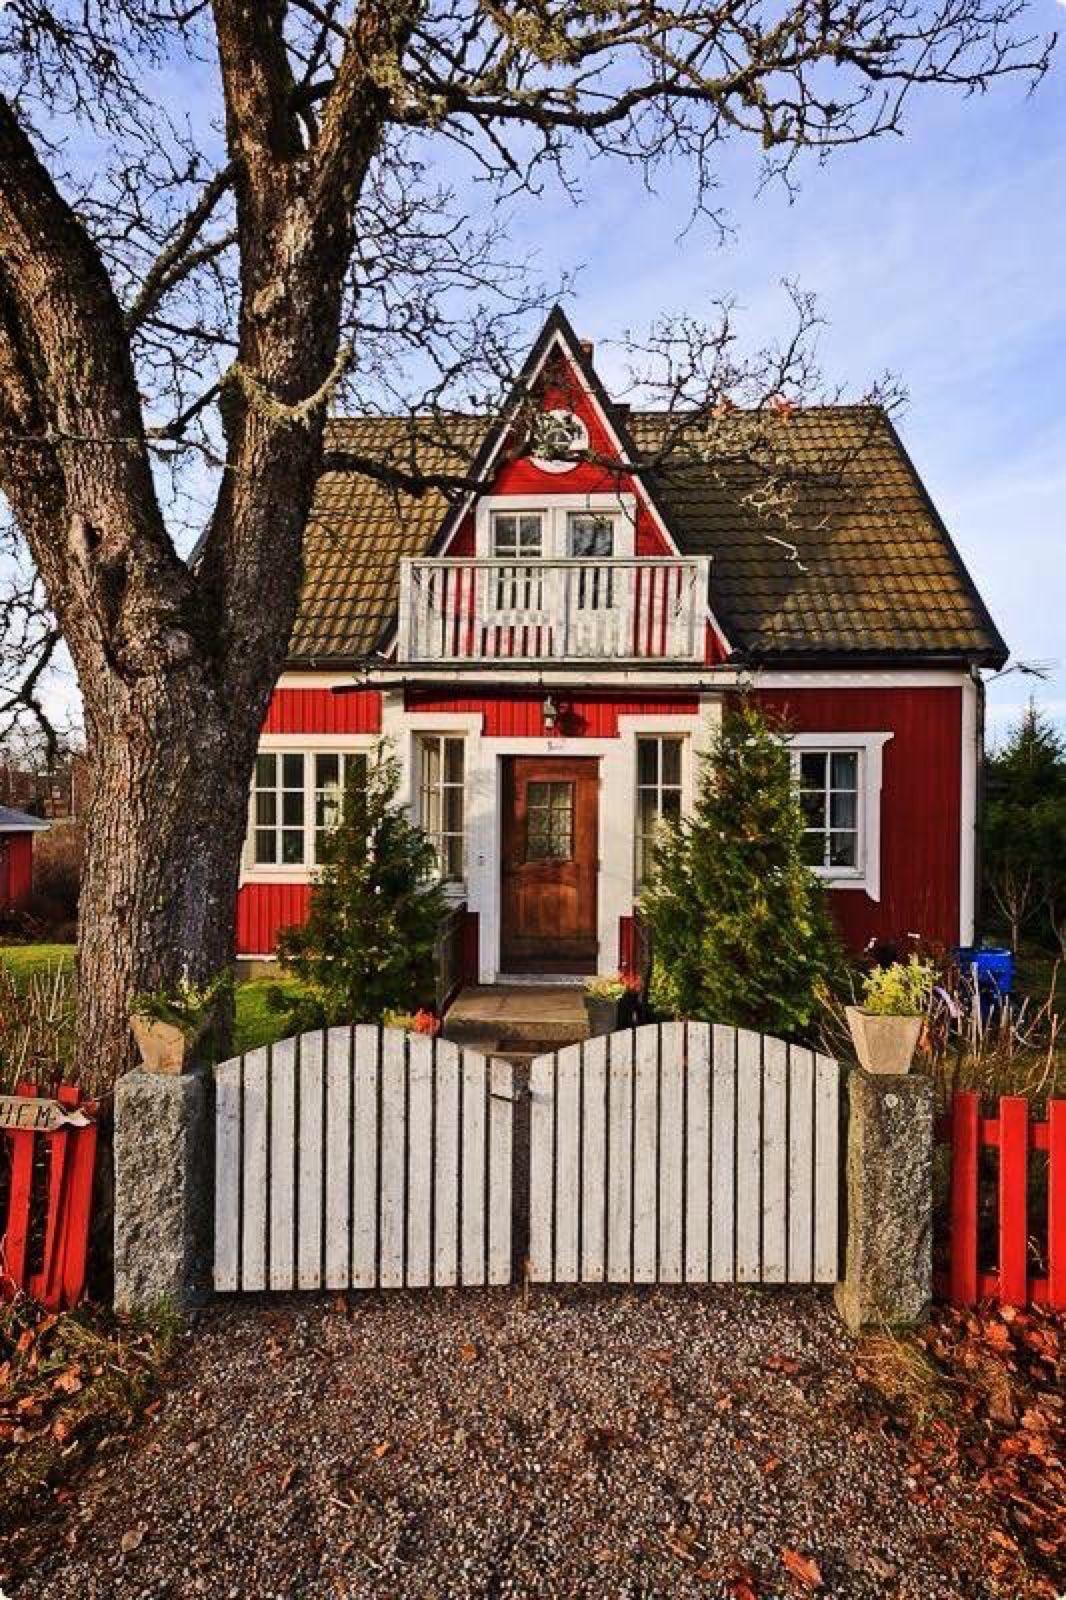 traumhaftschöne landhäuser, auch rote schwedenhäuser | traumhafte